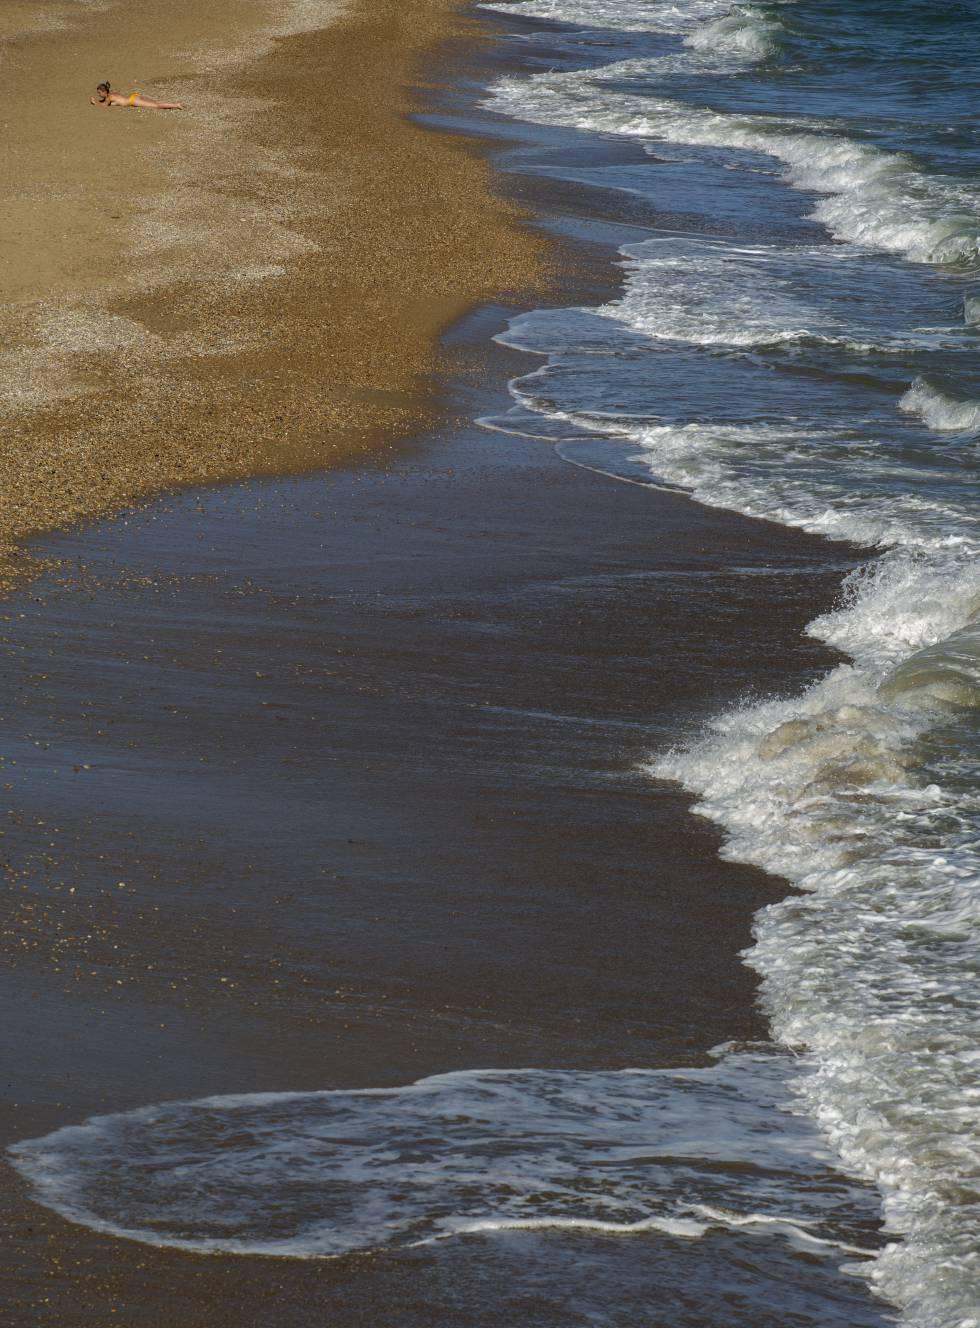 Playa naturista de Aiguadolç: 150 metros de arena fina y entrada gradual al mar en Vilanova i La Geltrú, Barcelona.